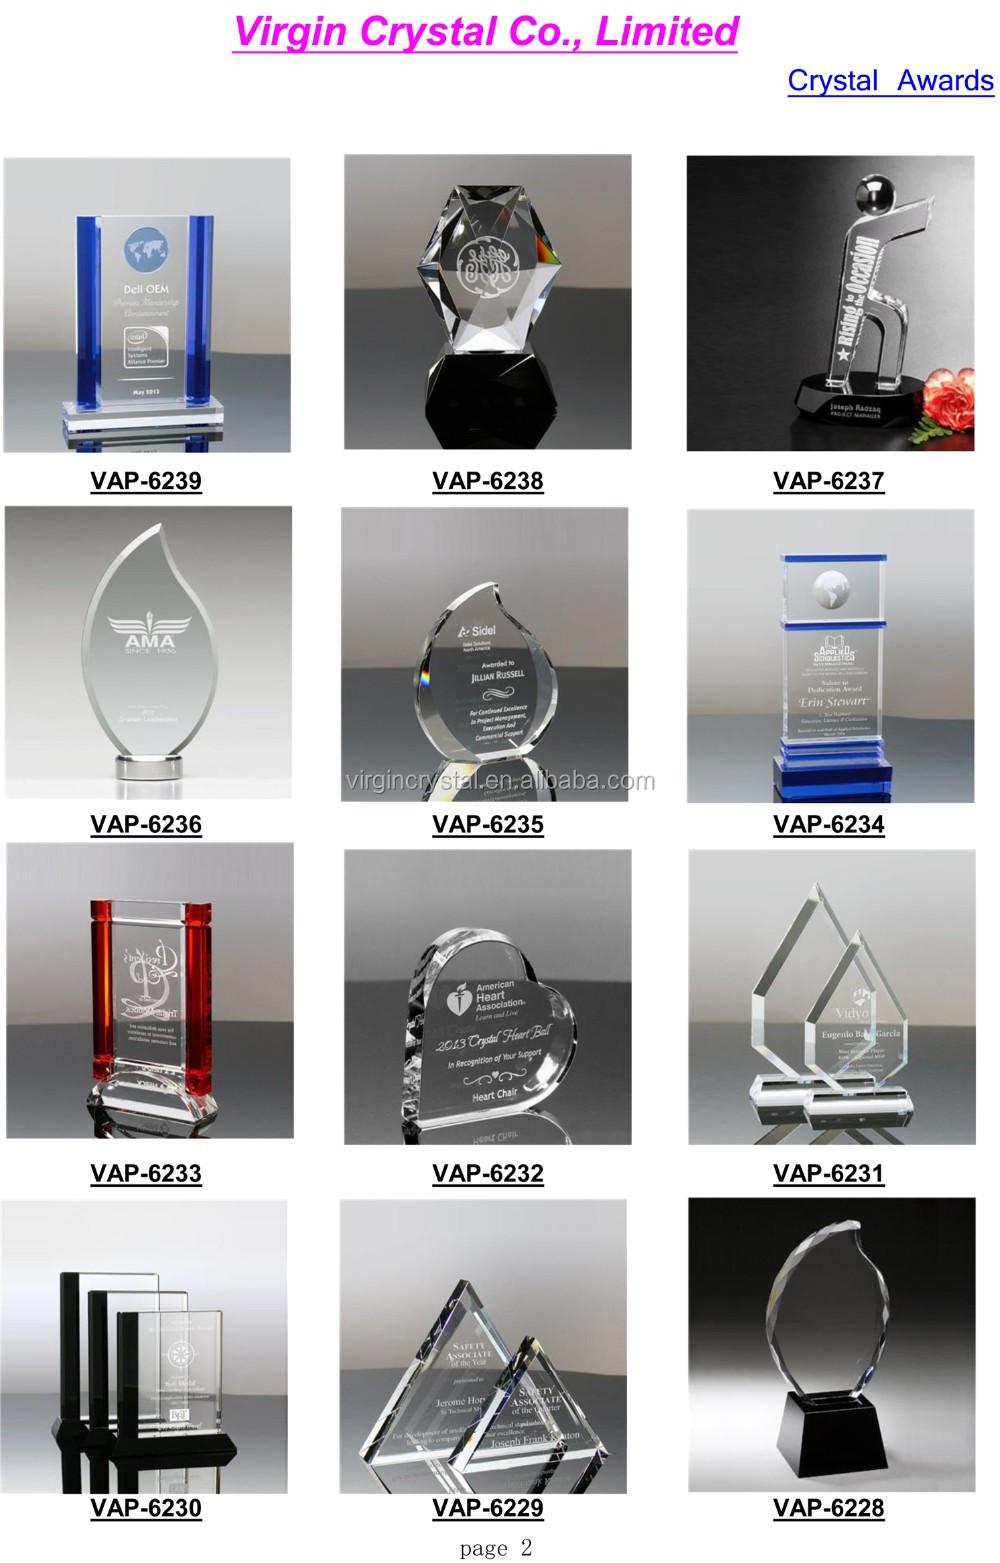 2016 Crystal Awards Catalog-2.jpg